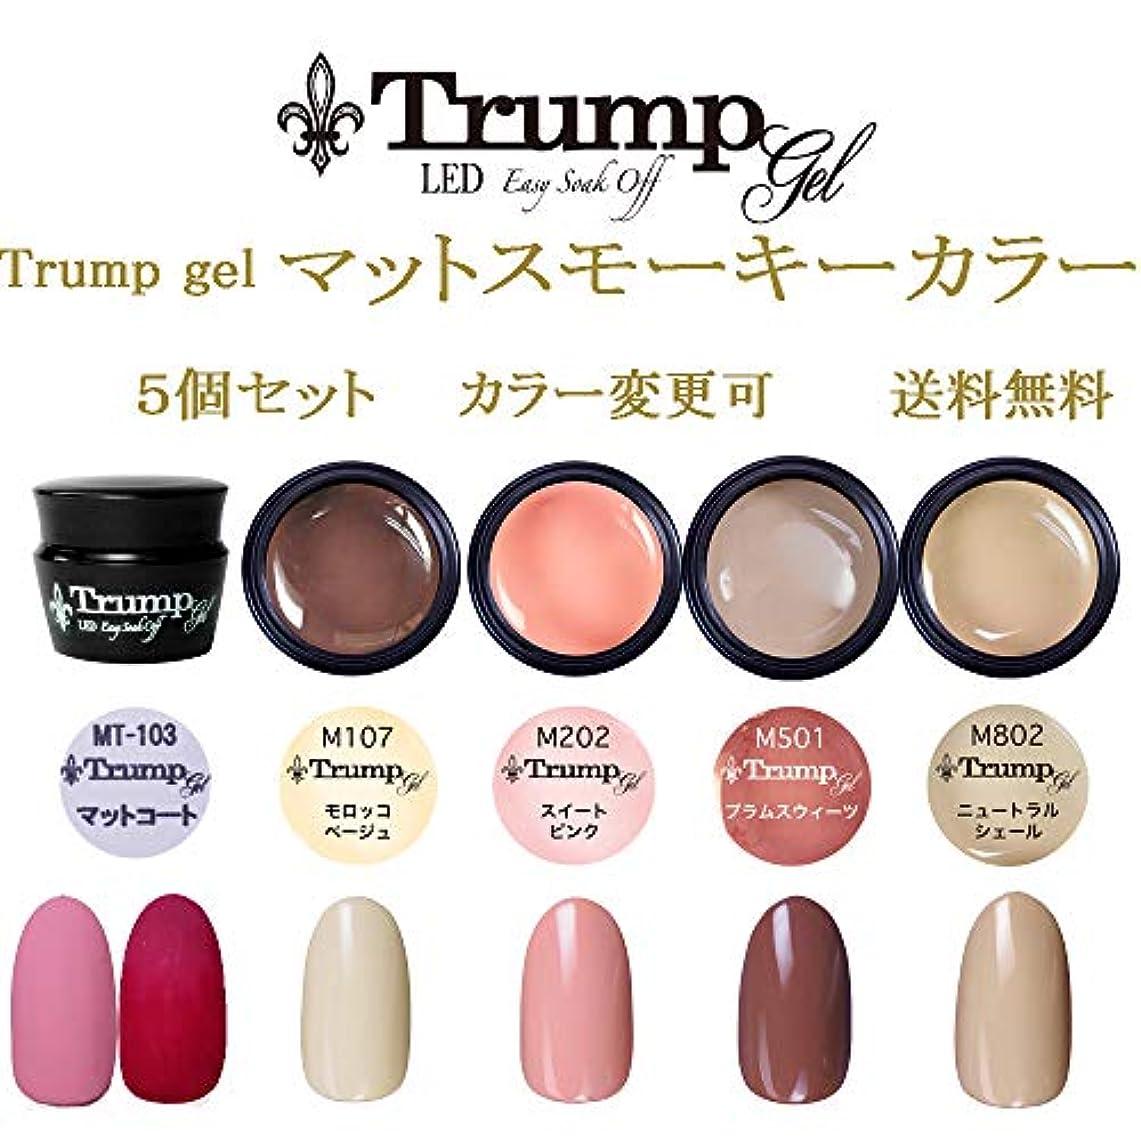 雨の屋内帽子【送料無料】Trumpマットスモーキーカラー選べる カラージェル5個セット